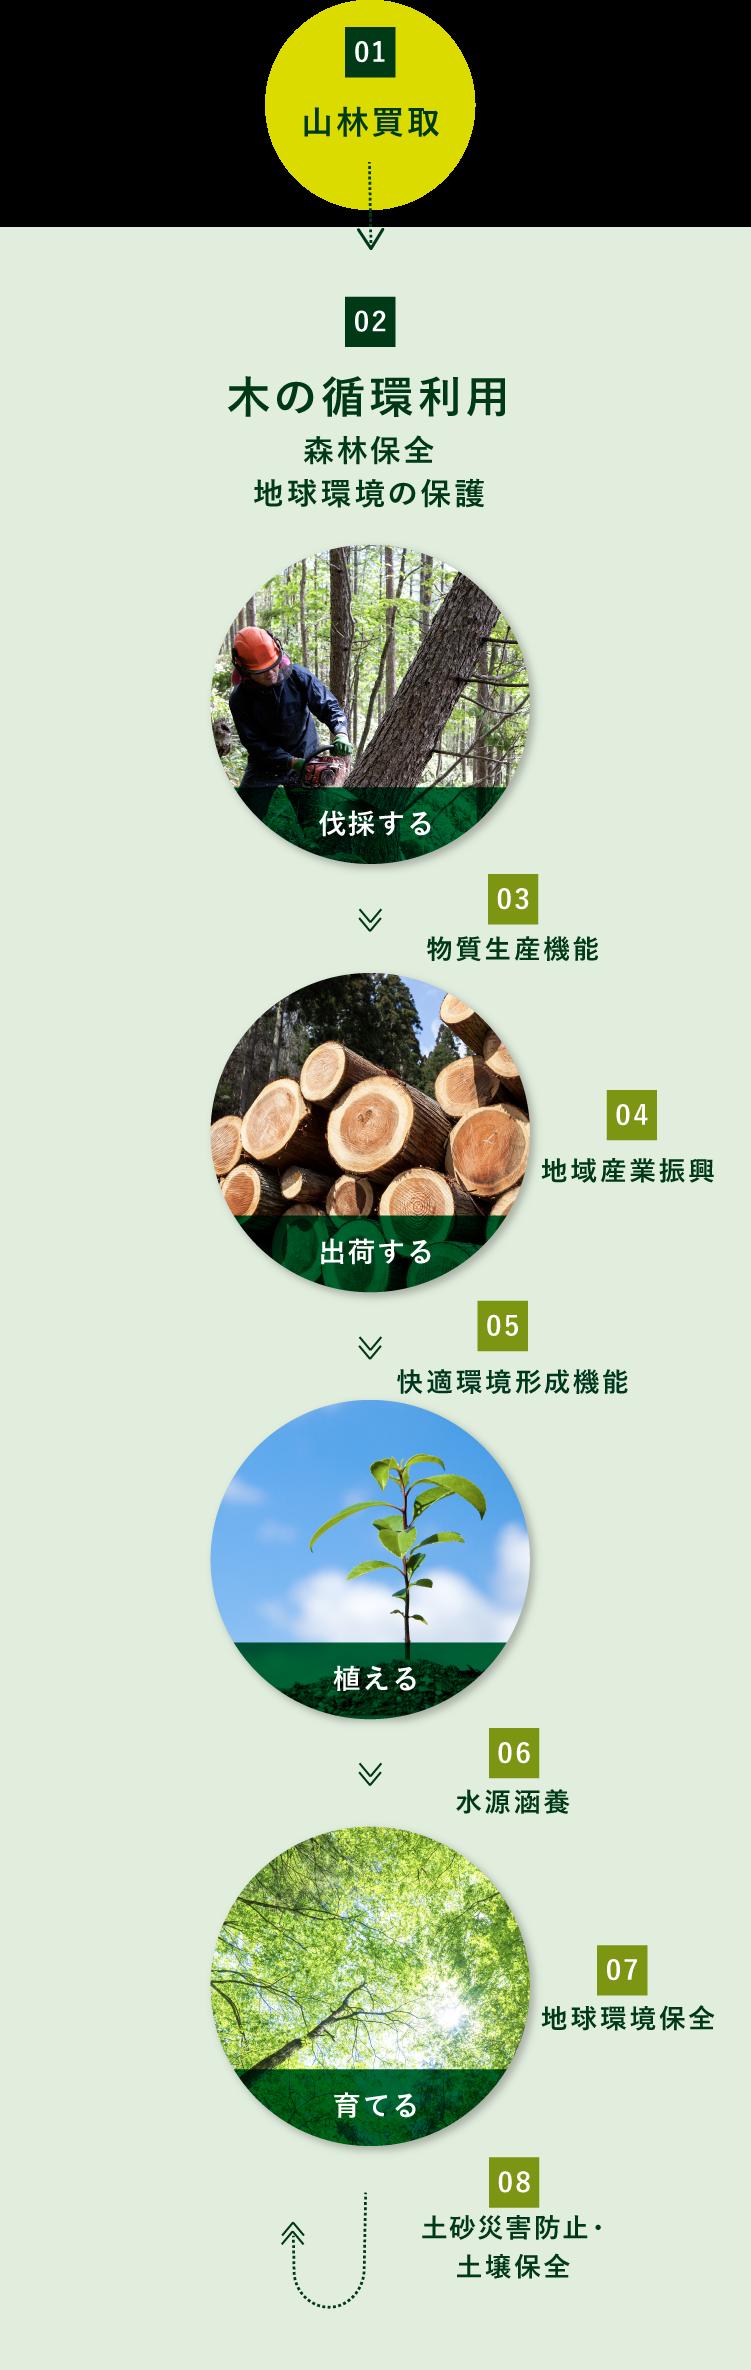 木の循環利用